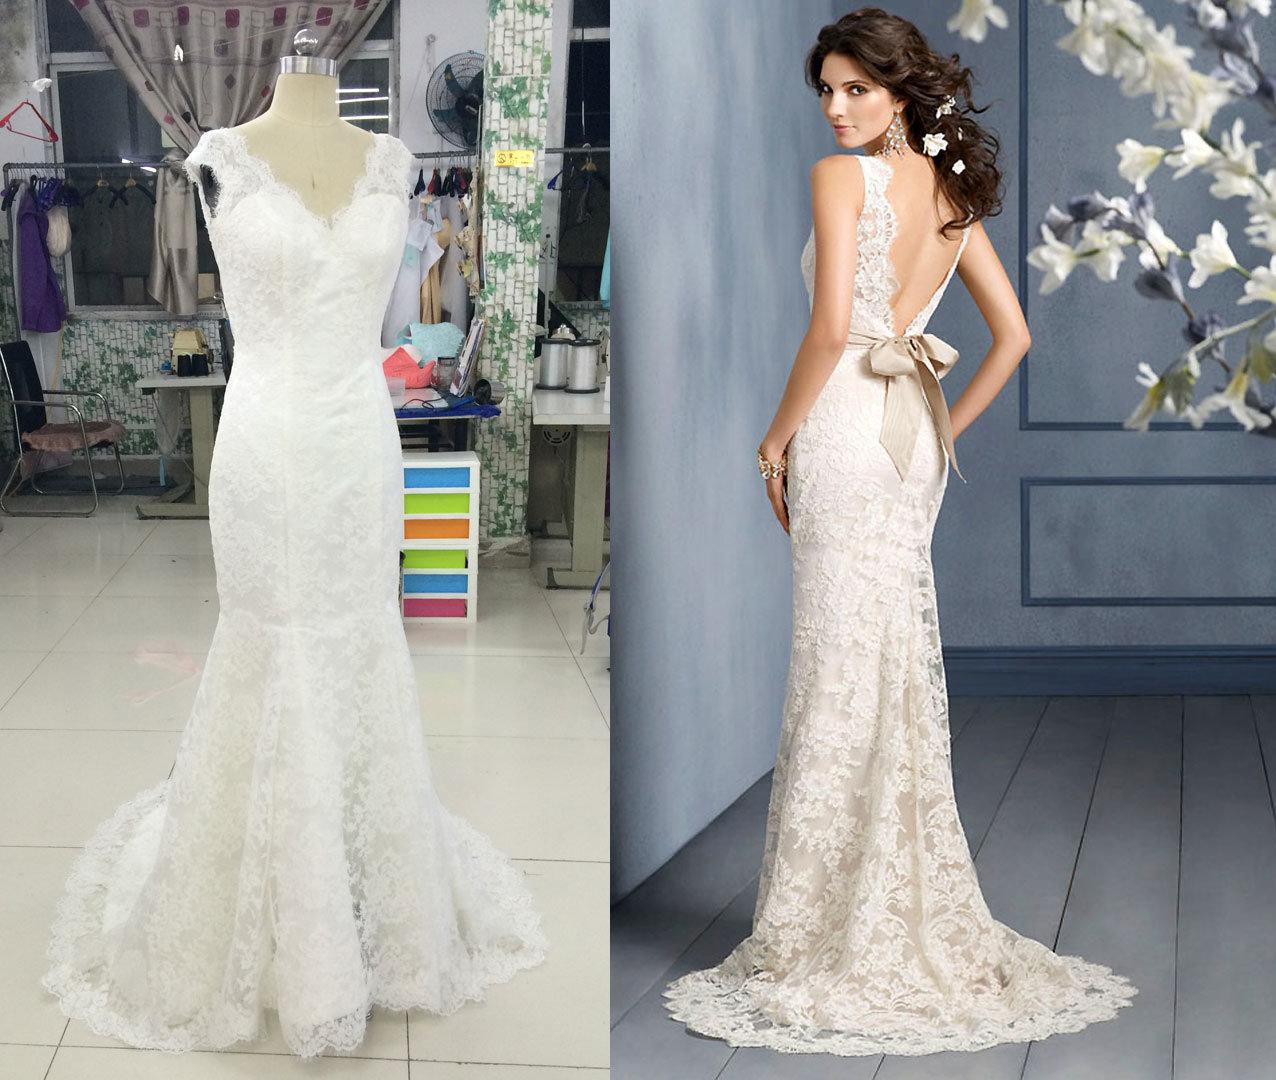 Wedding Ceremonial Dress for Bride